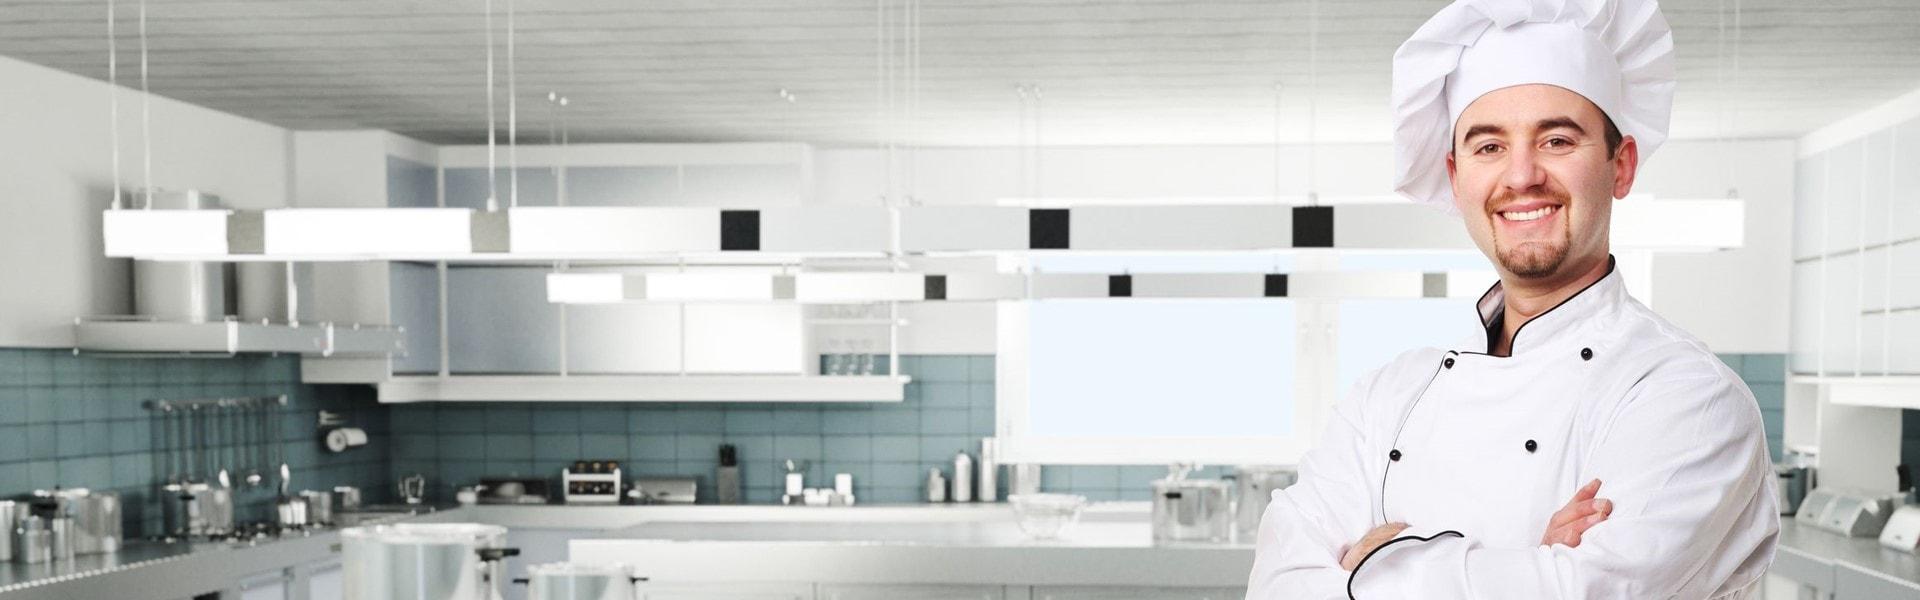 Küche der Zukunft mit Holst & Partner